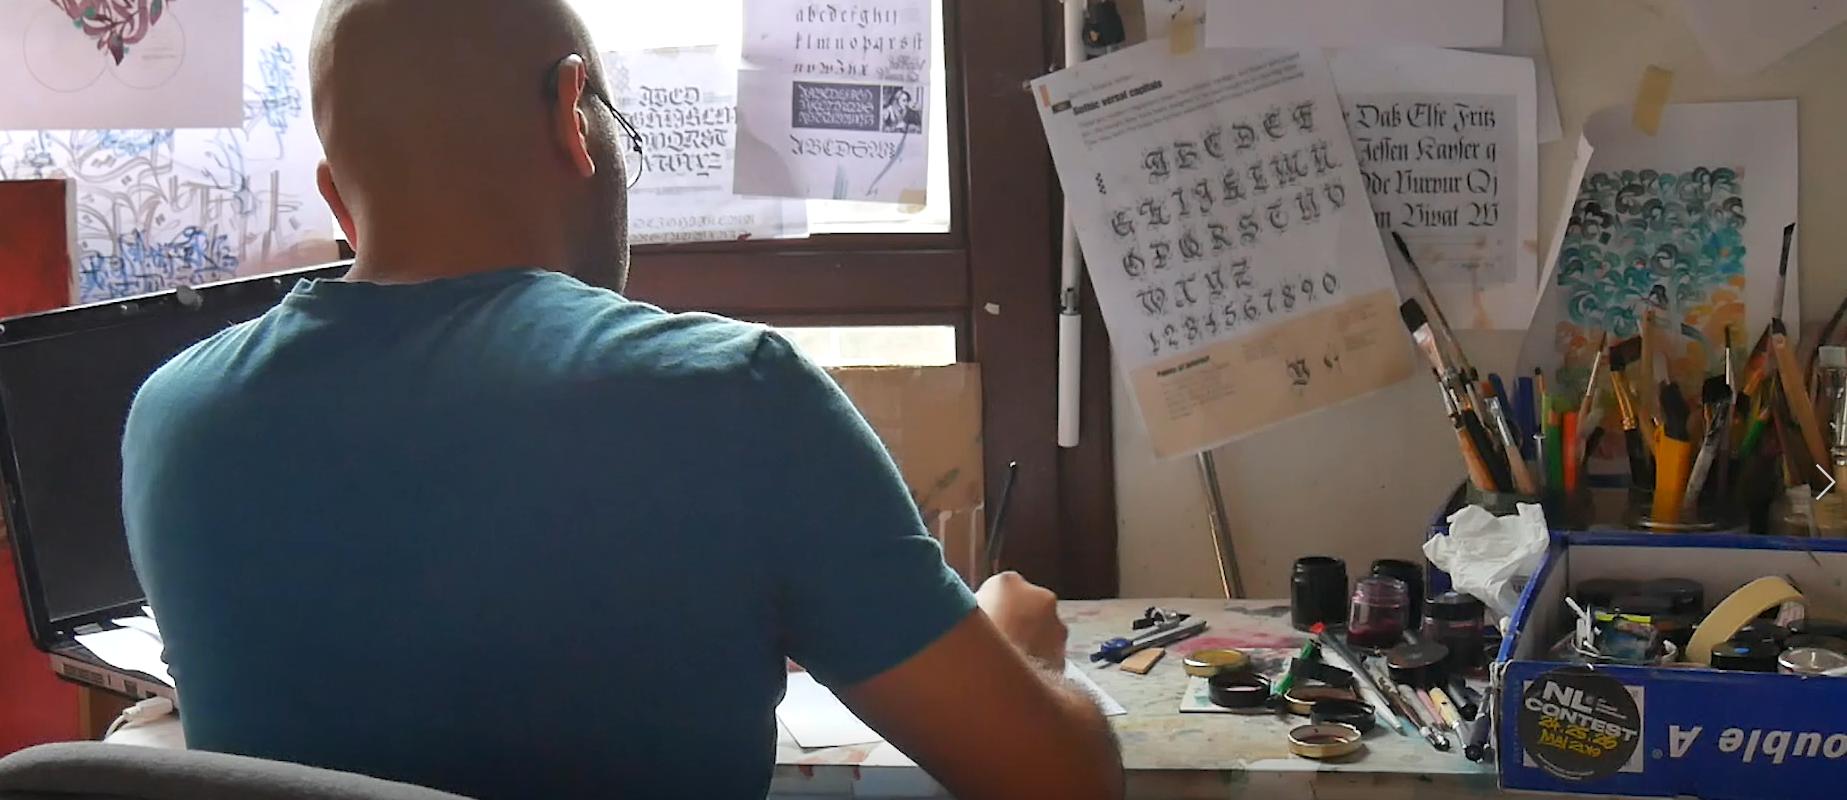 Stéréotypes, racisme, police… La dure vie d'Ayman, calligraphe syrien à Strasbourg